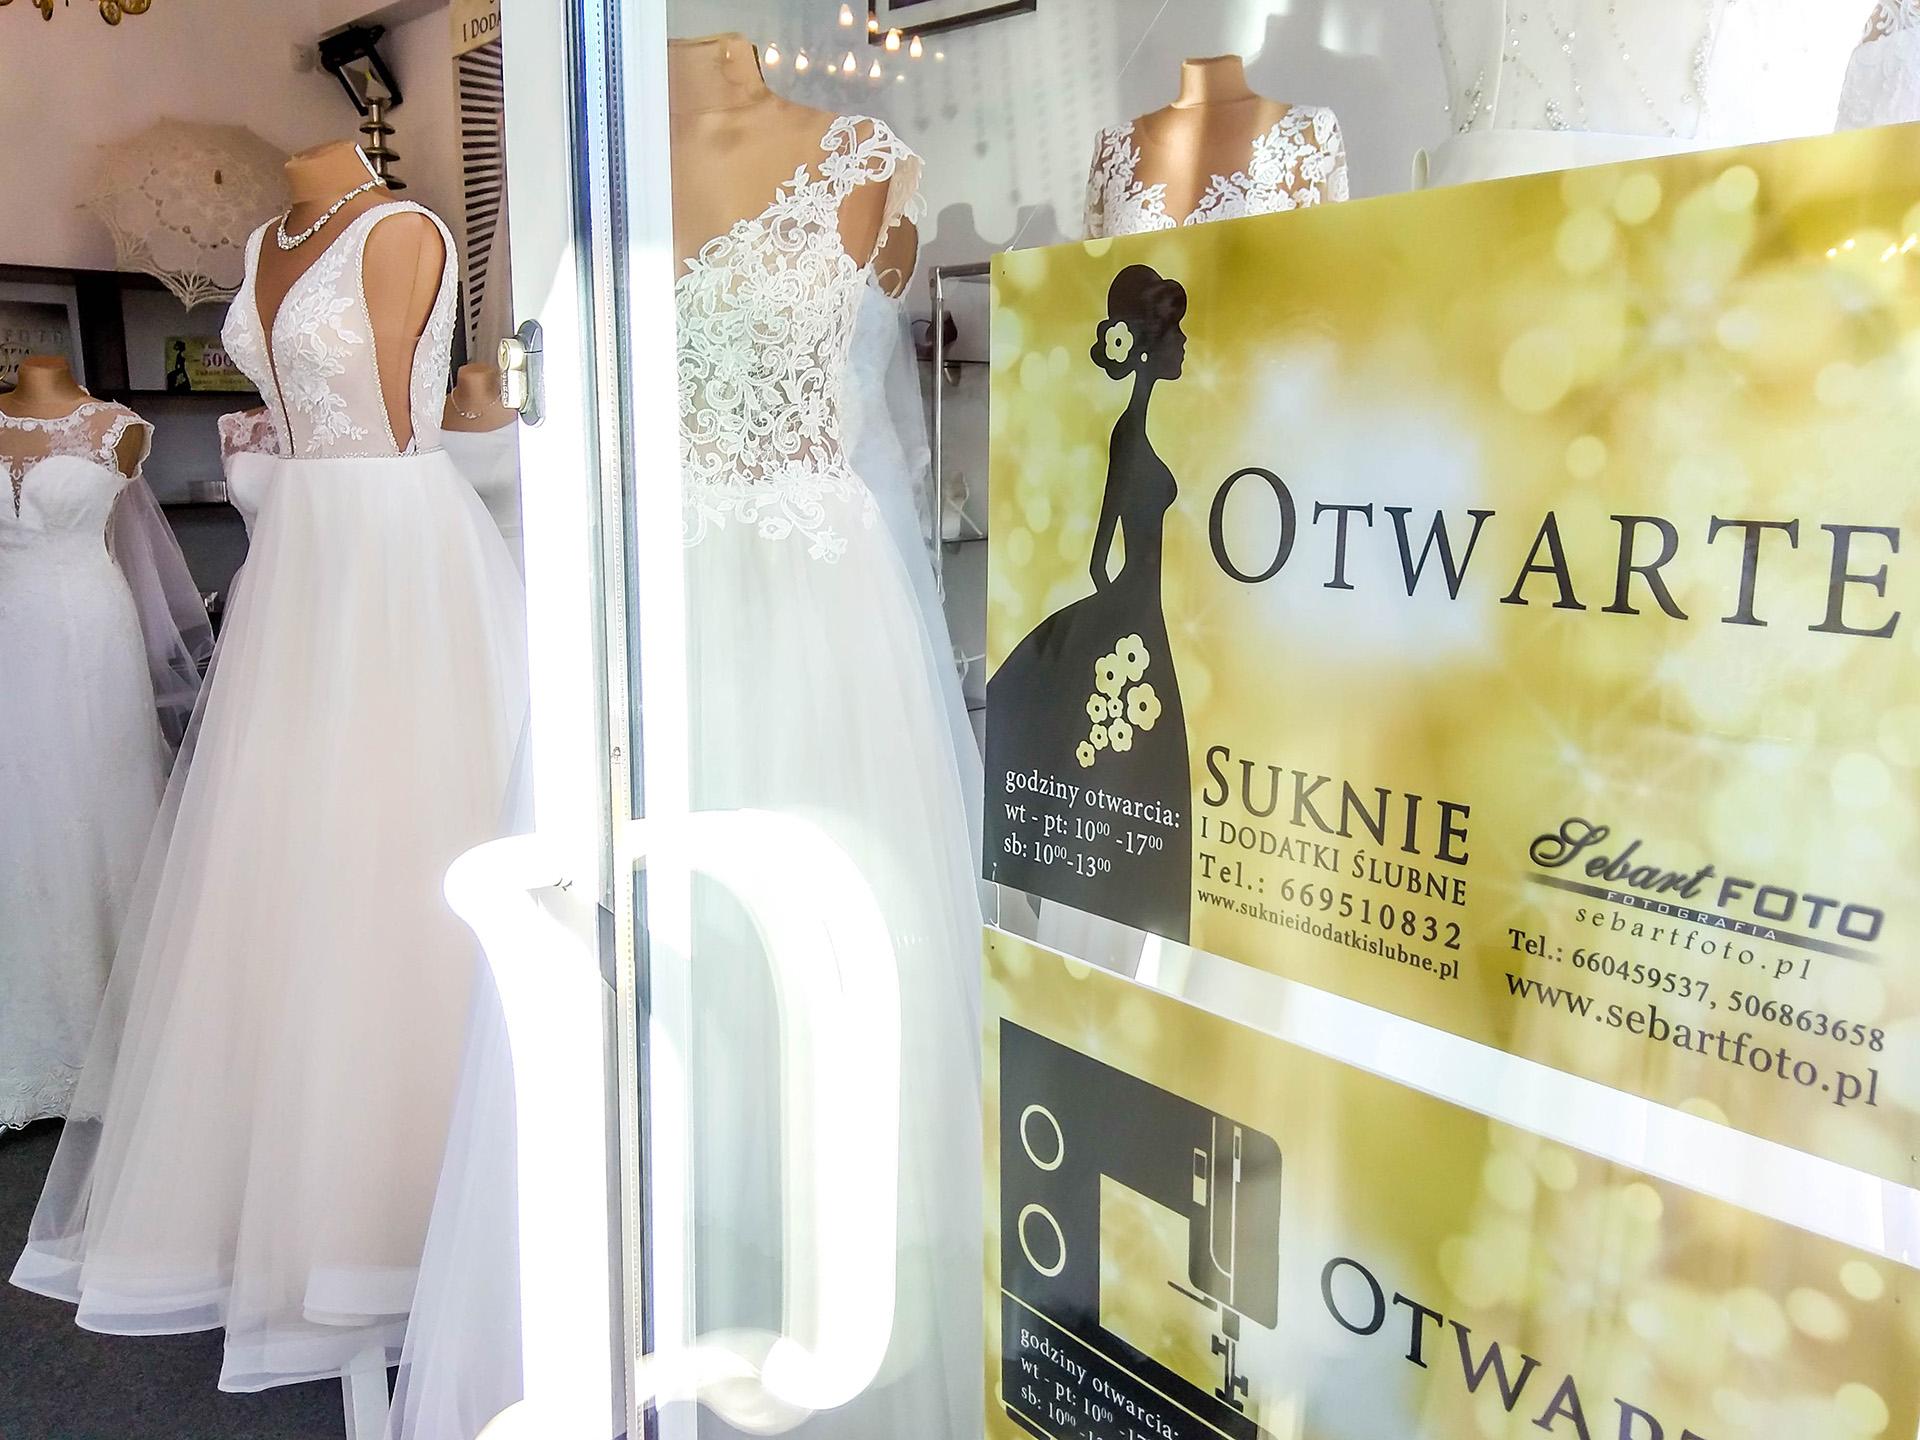 Suknie i Dodatki Ślubne Katowice